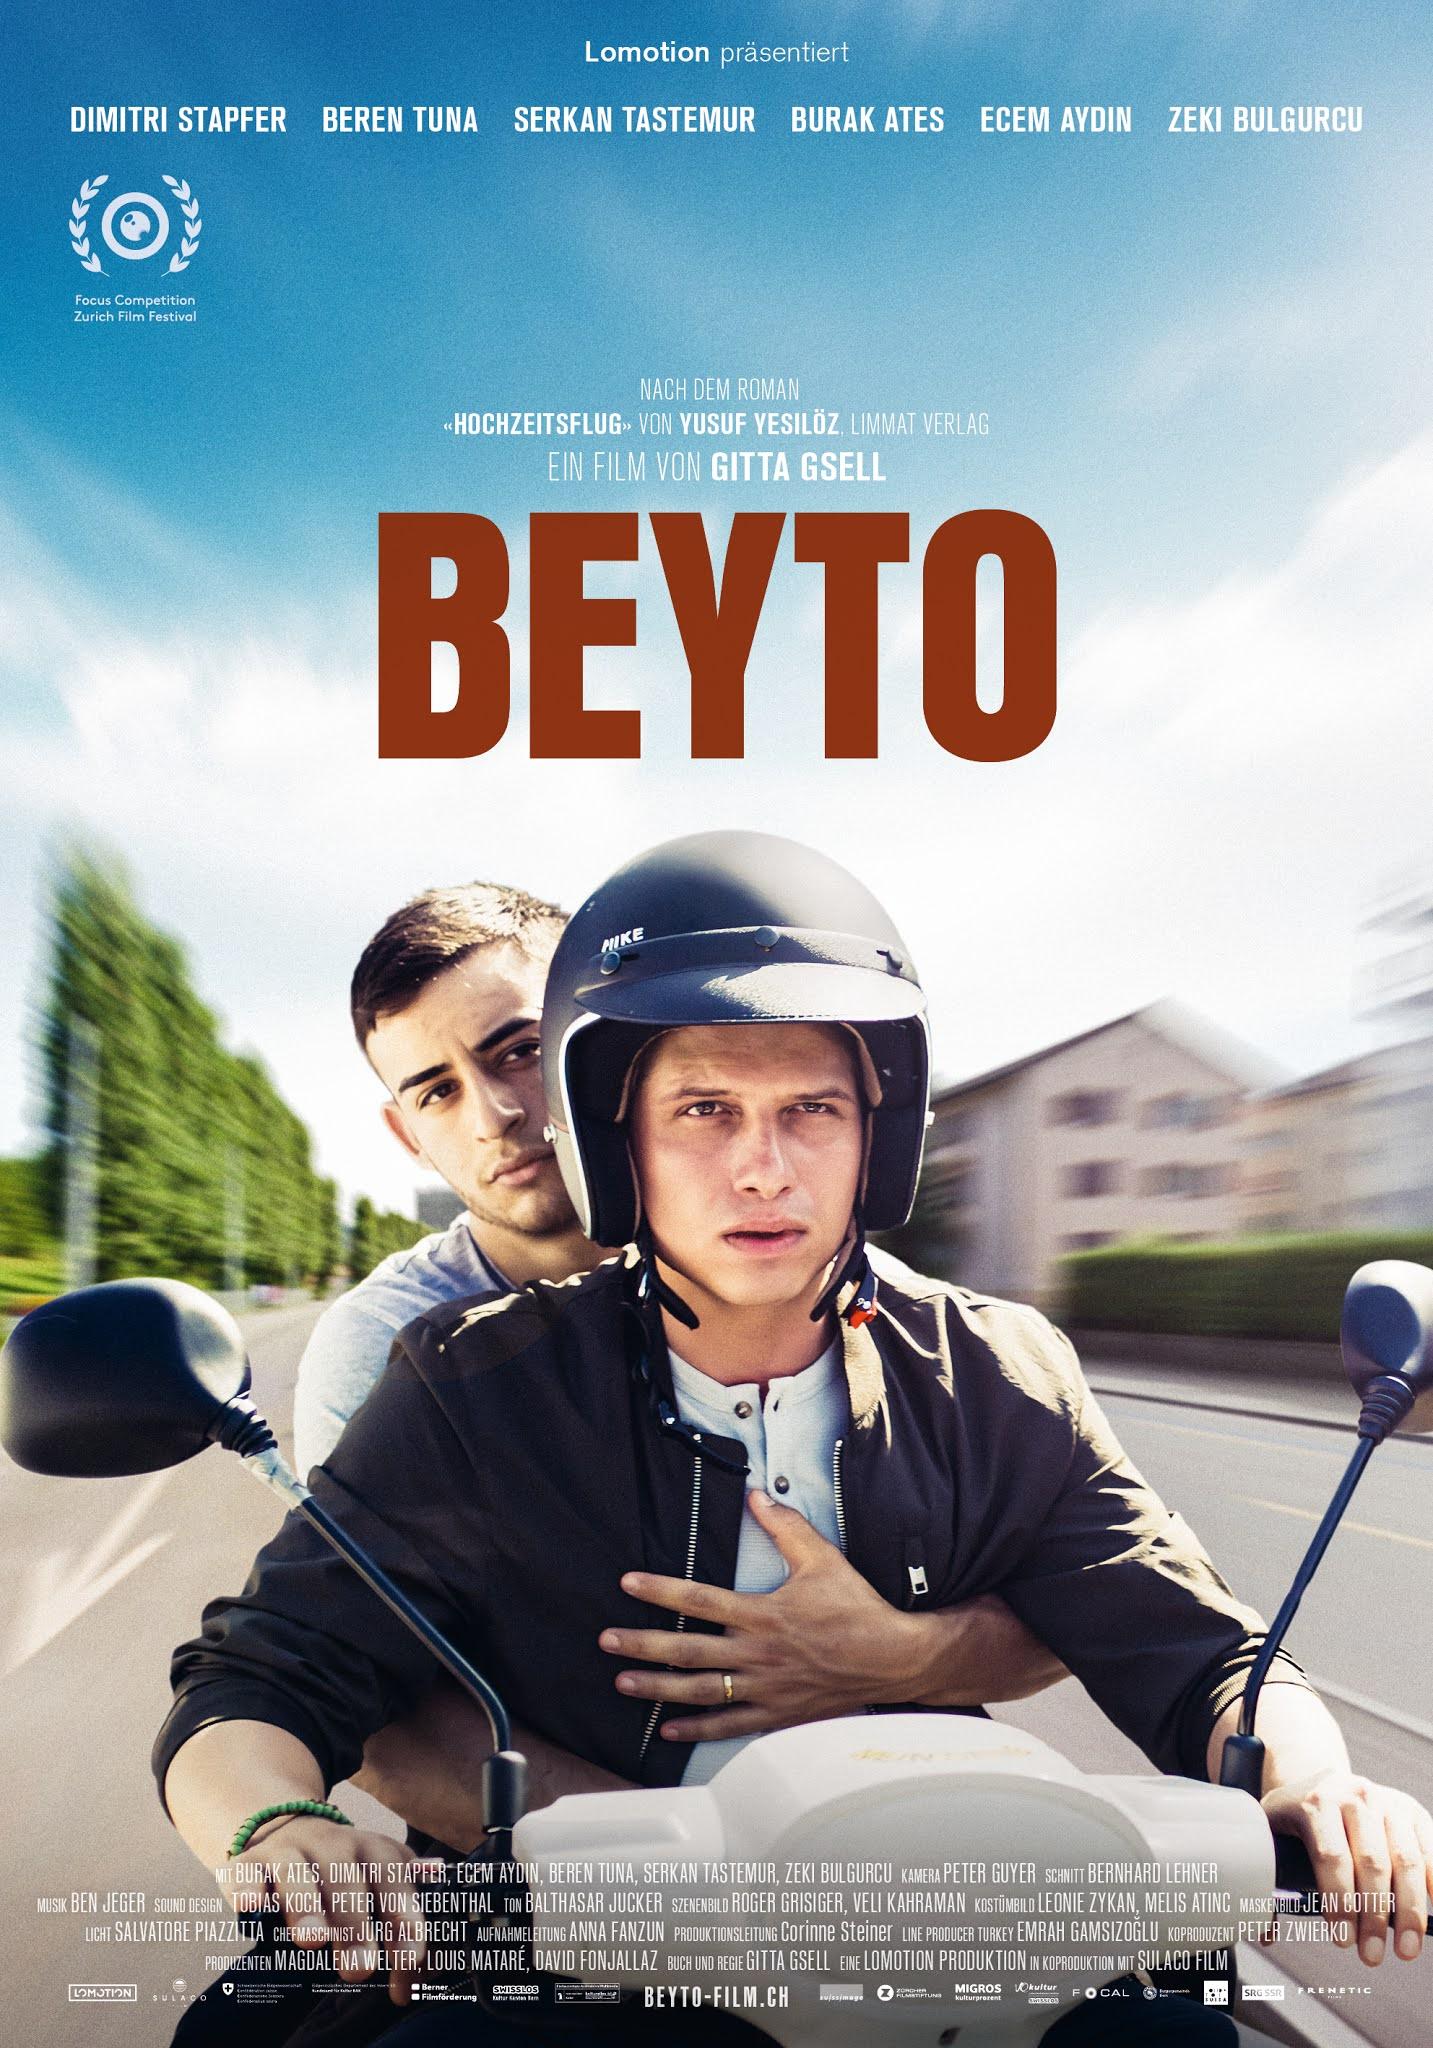 Beyto